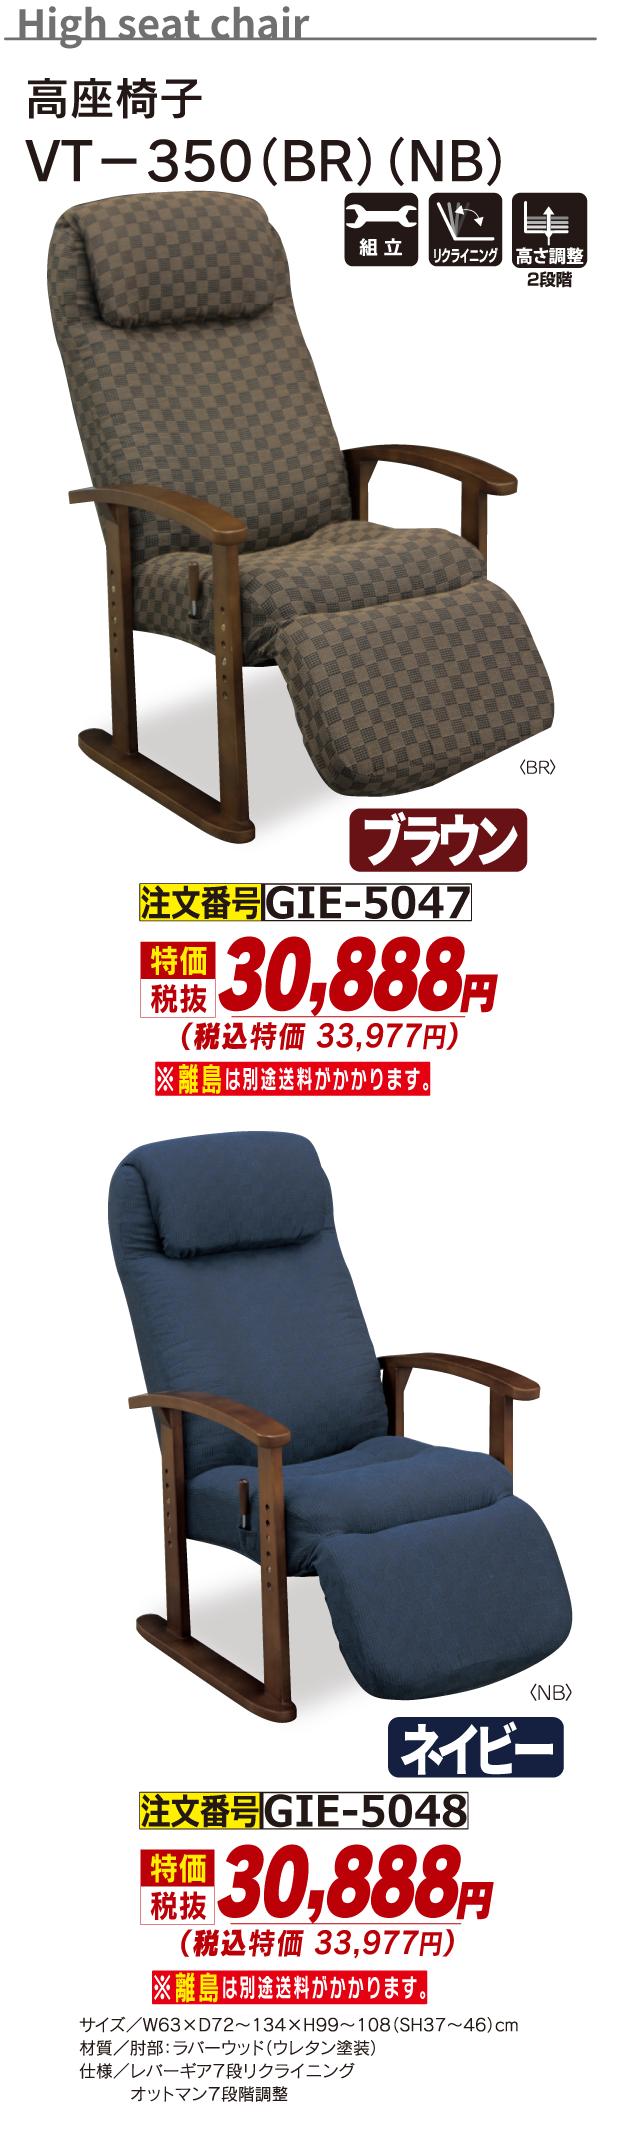 5047_高座椅子_VT-350